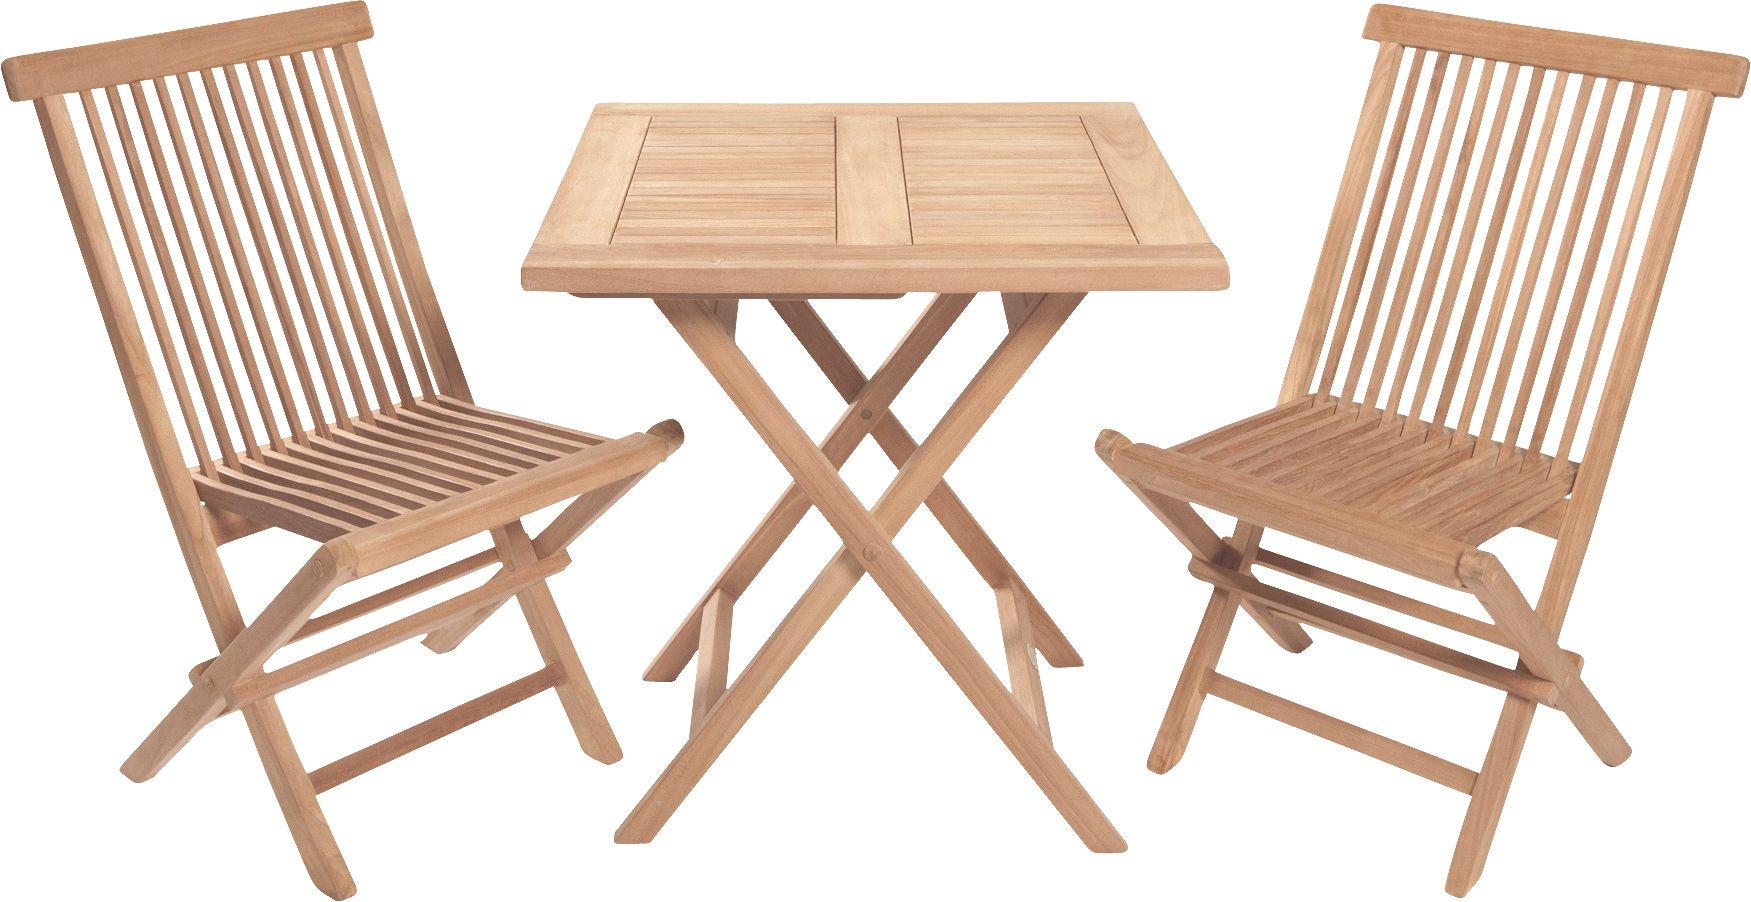 Riva Sitzgruppe Teak, Tisch und Stühle, Echtholz | Teak Gartenmöbel ...